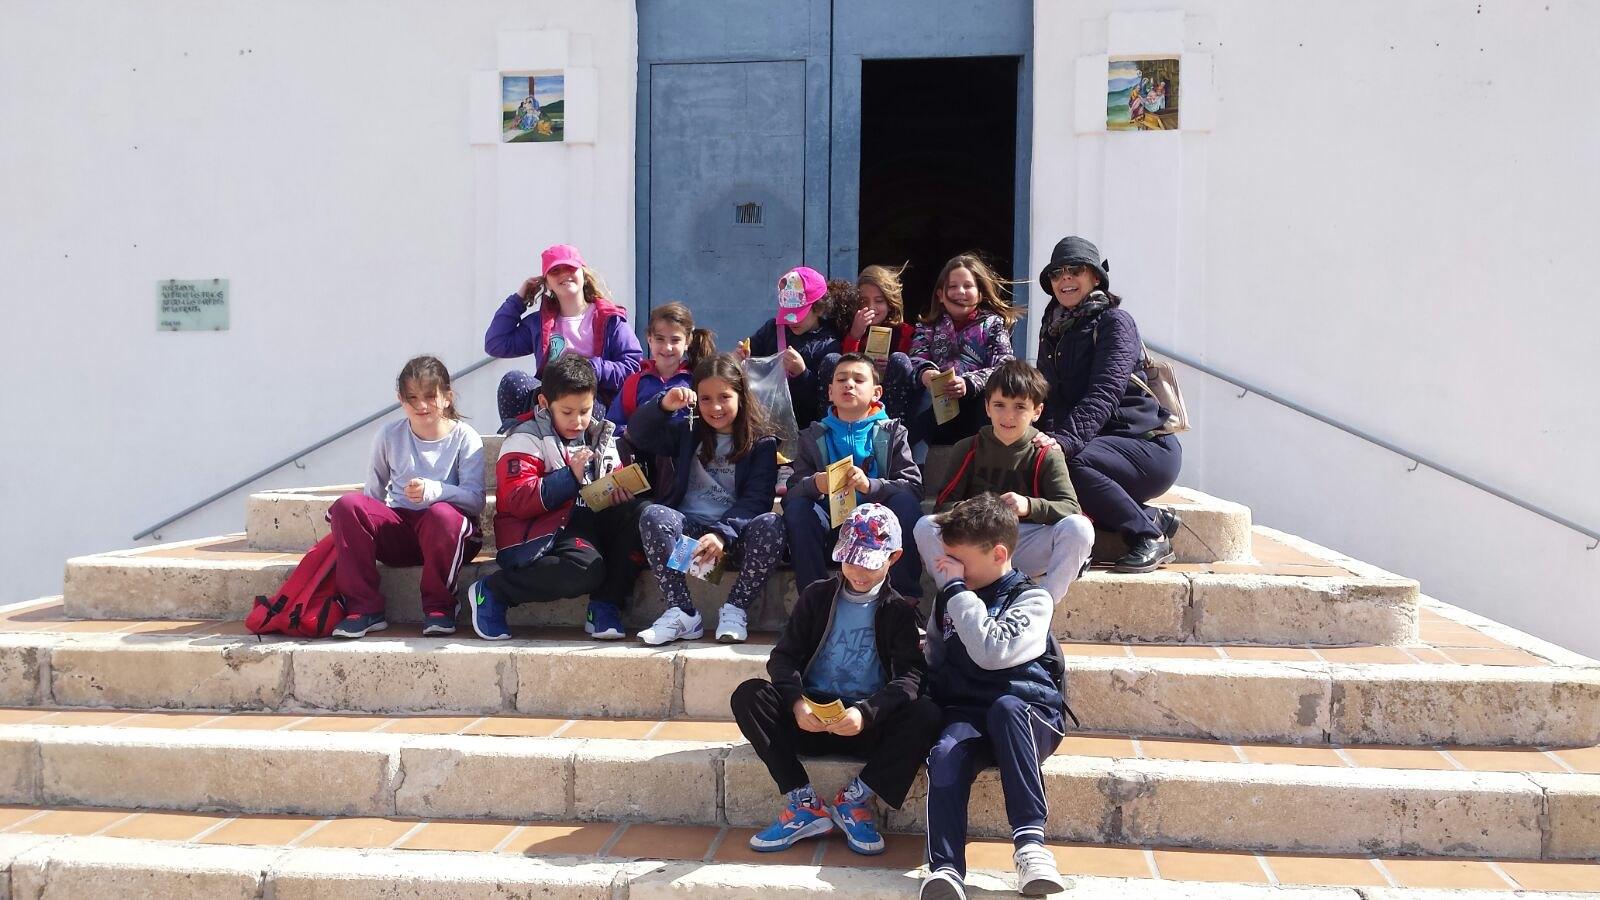 (2018-03-16) - Visita ermita alumnos Laura,3ºB, profesora religión Reina Sofia - Marzo -  María Isabel Berenguer Brotons (02)